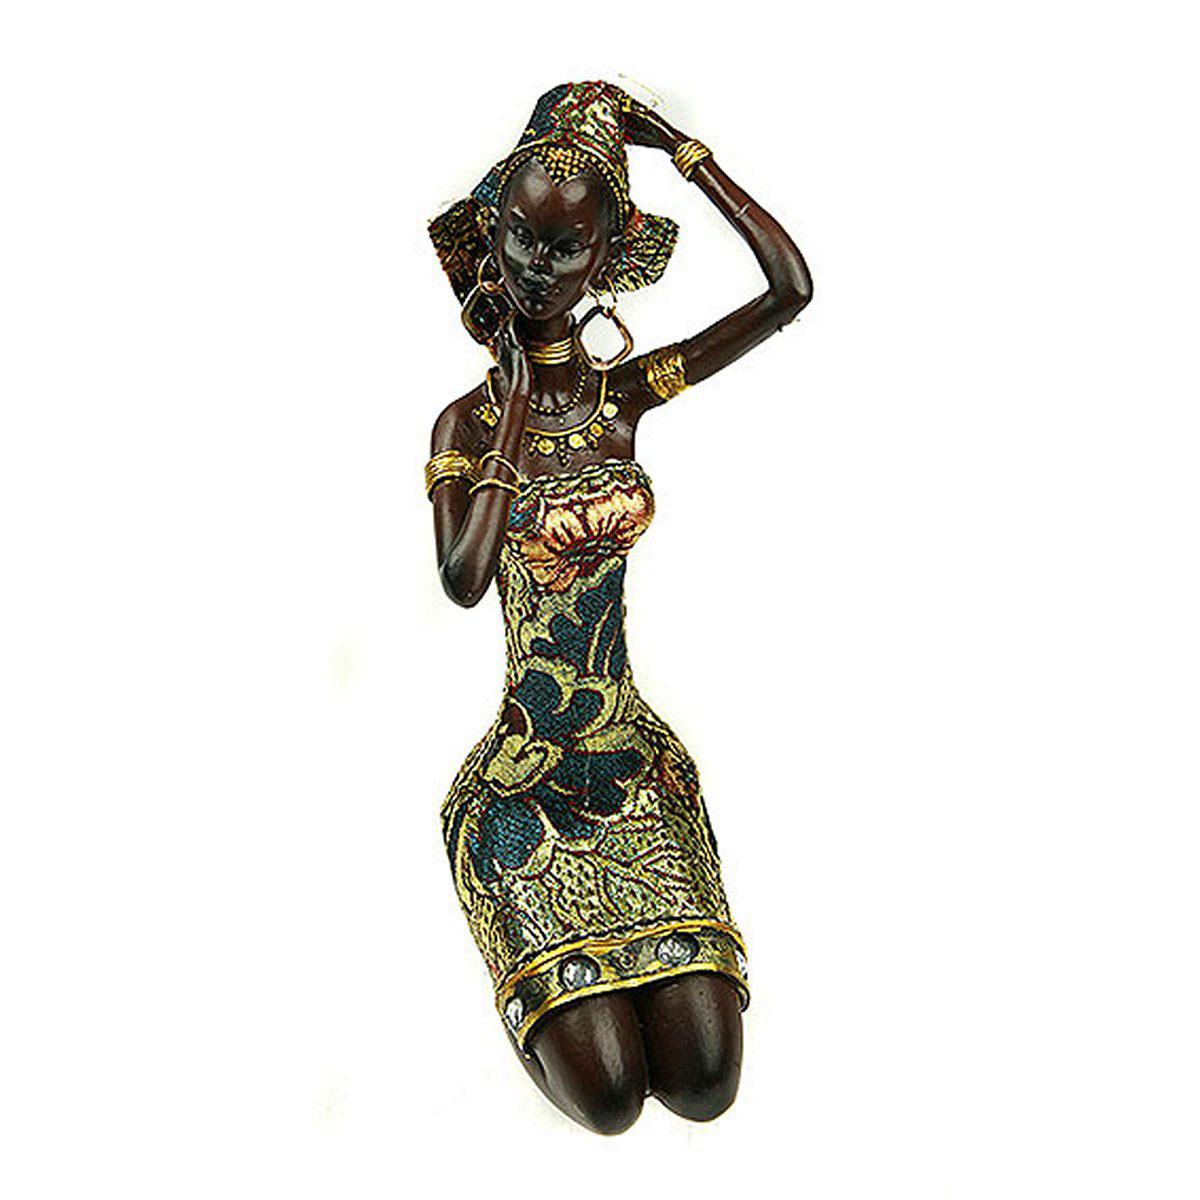 Статуэтка Русские Подарки Африканка, 12 х 12 х 23 смTHN132NСтатуэтка Русские Подарки Африканка, изготовленная из полистоуна, имеет изысканный внешний вид. Изделие станет прекрасным украшением интерьера гостиной, офиса или дома. Вы можете поставить статуэтку в любое место, где она будет удачно смотреться и радовать глаз. Правила ухода: регулярно вытирать пыль сухой, мягкой тканью.